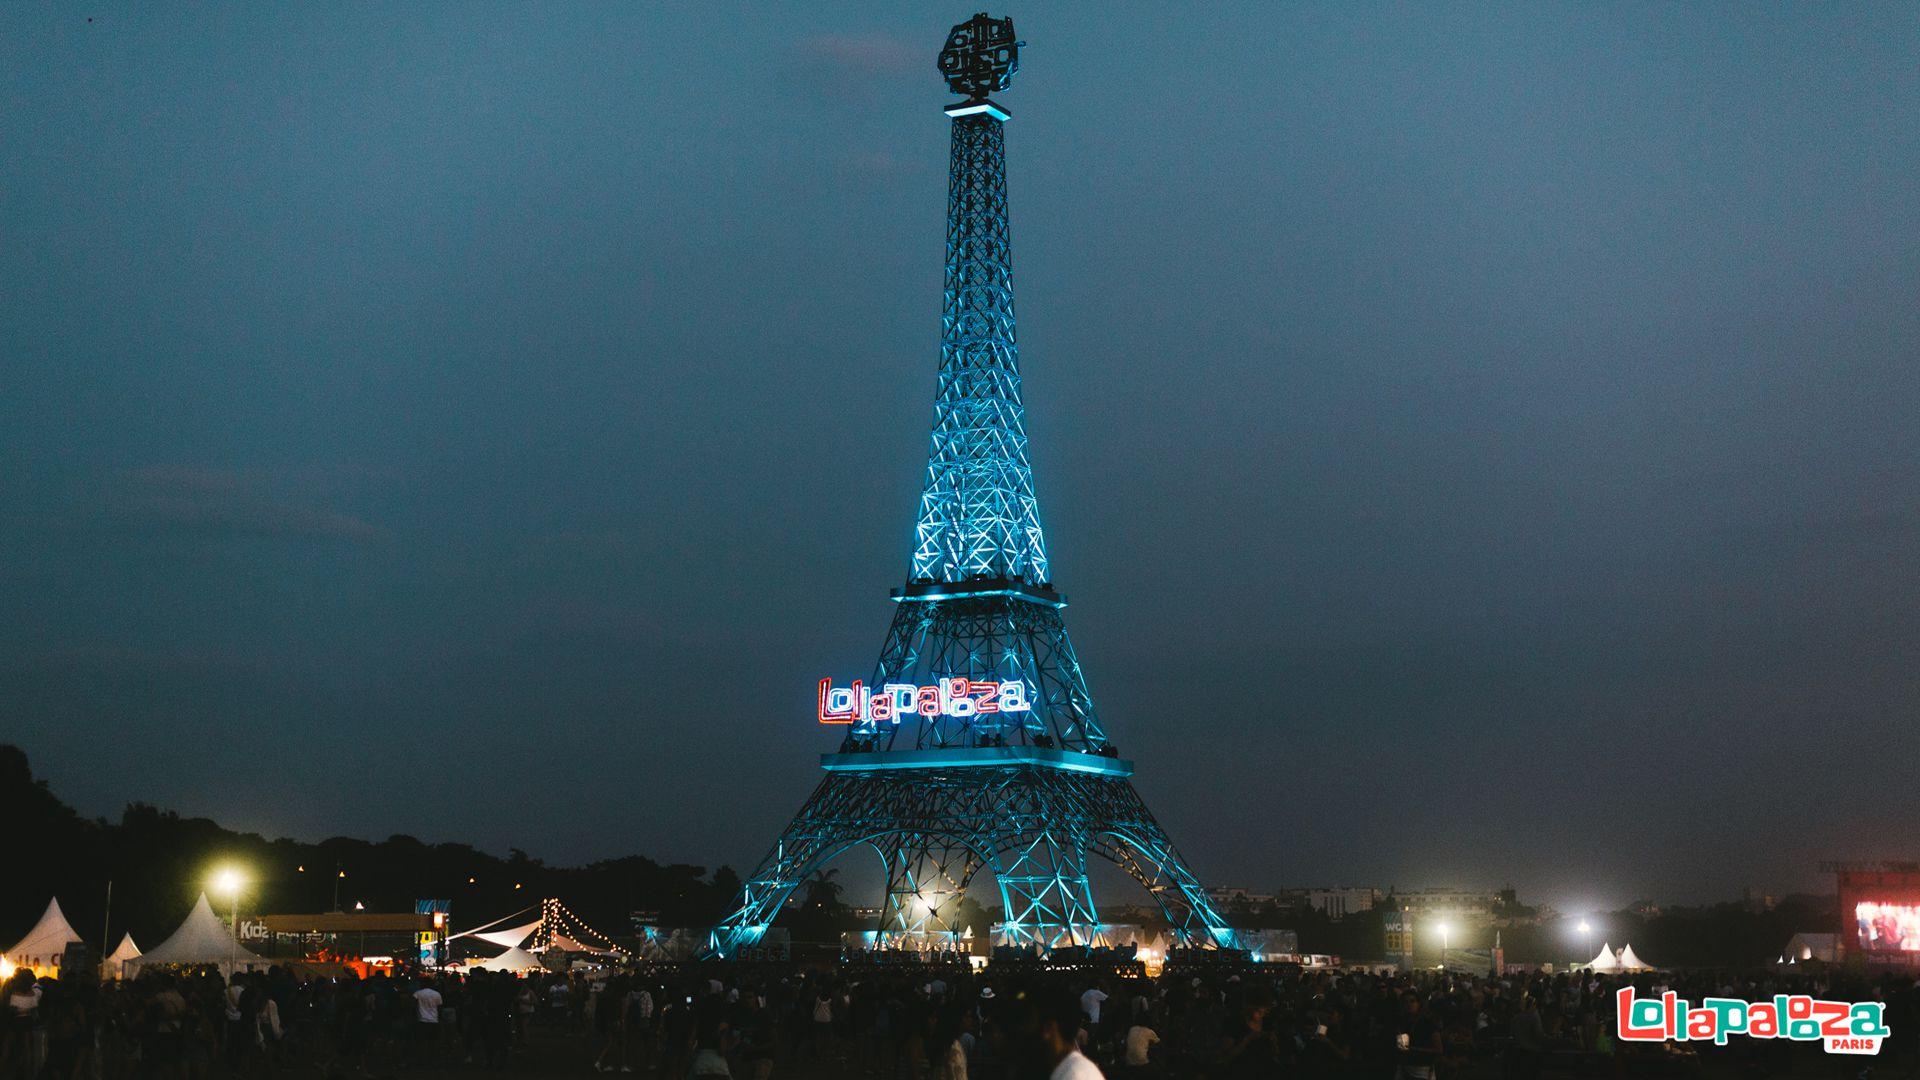 Lollapalooza llegará a París por tercer año consecutivo: será el 20 y 21 de julio en el Hipódromo de Longchamp